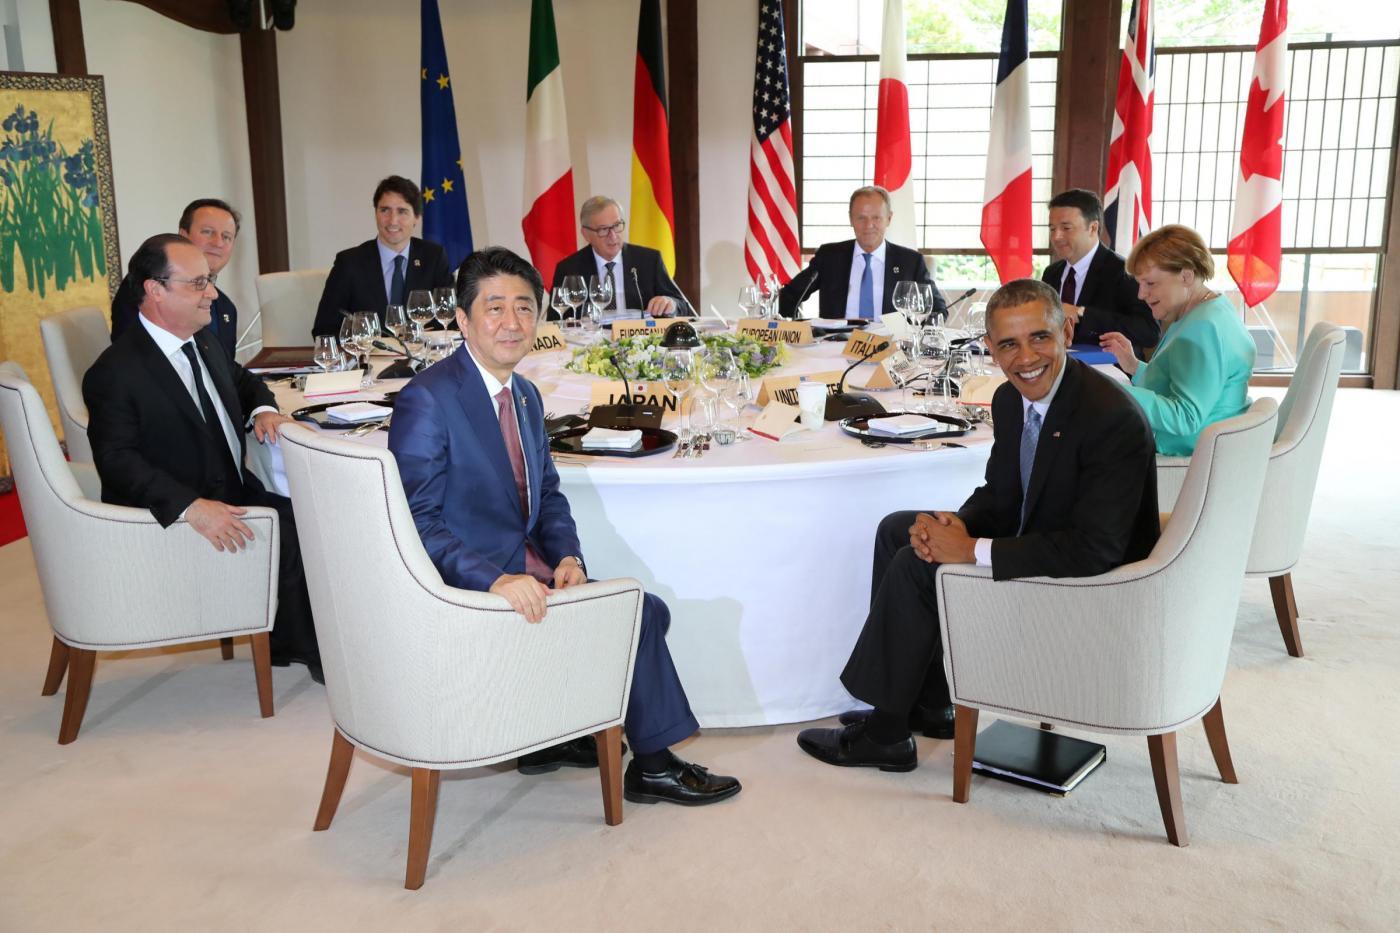 G7 2016: in Giappone si parla di affari, Brexit e terrorismo